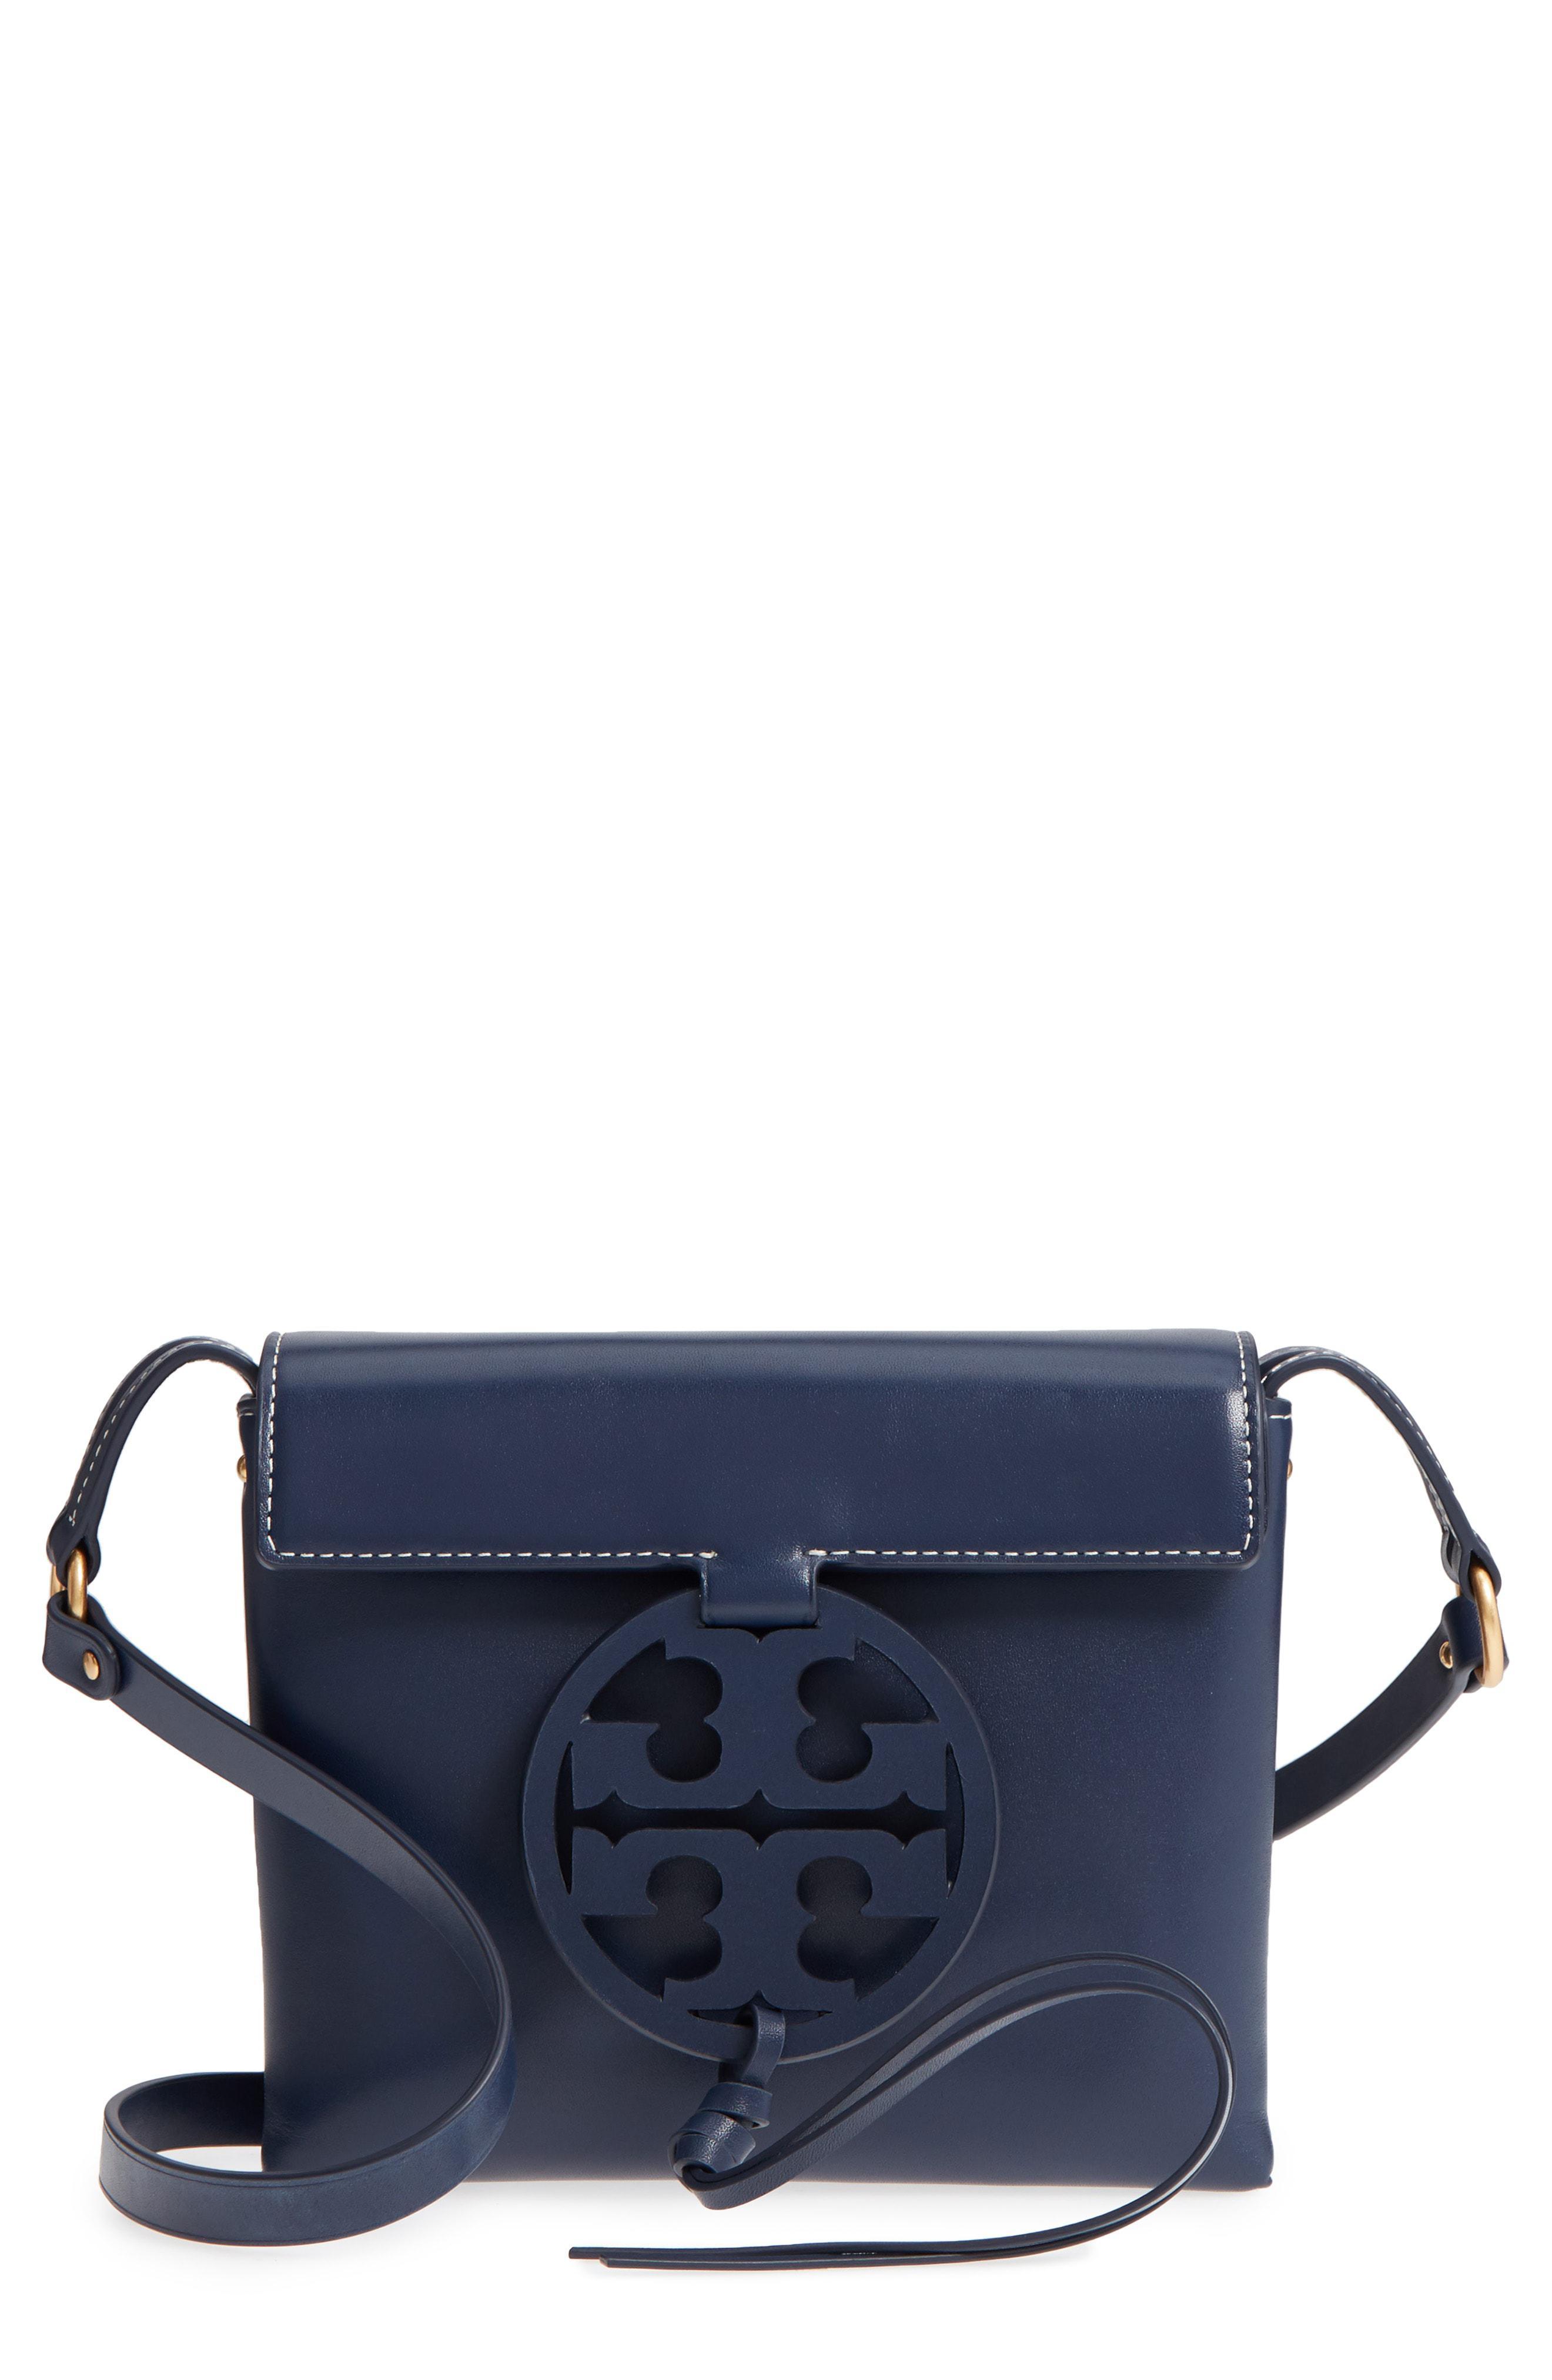 d83eadf1dd4c17 Lyst - Tory Burch Miller Leather Crossbody Bag in Blue - Save ...